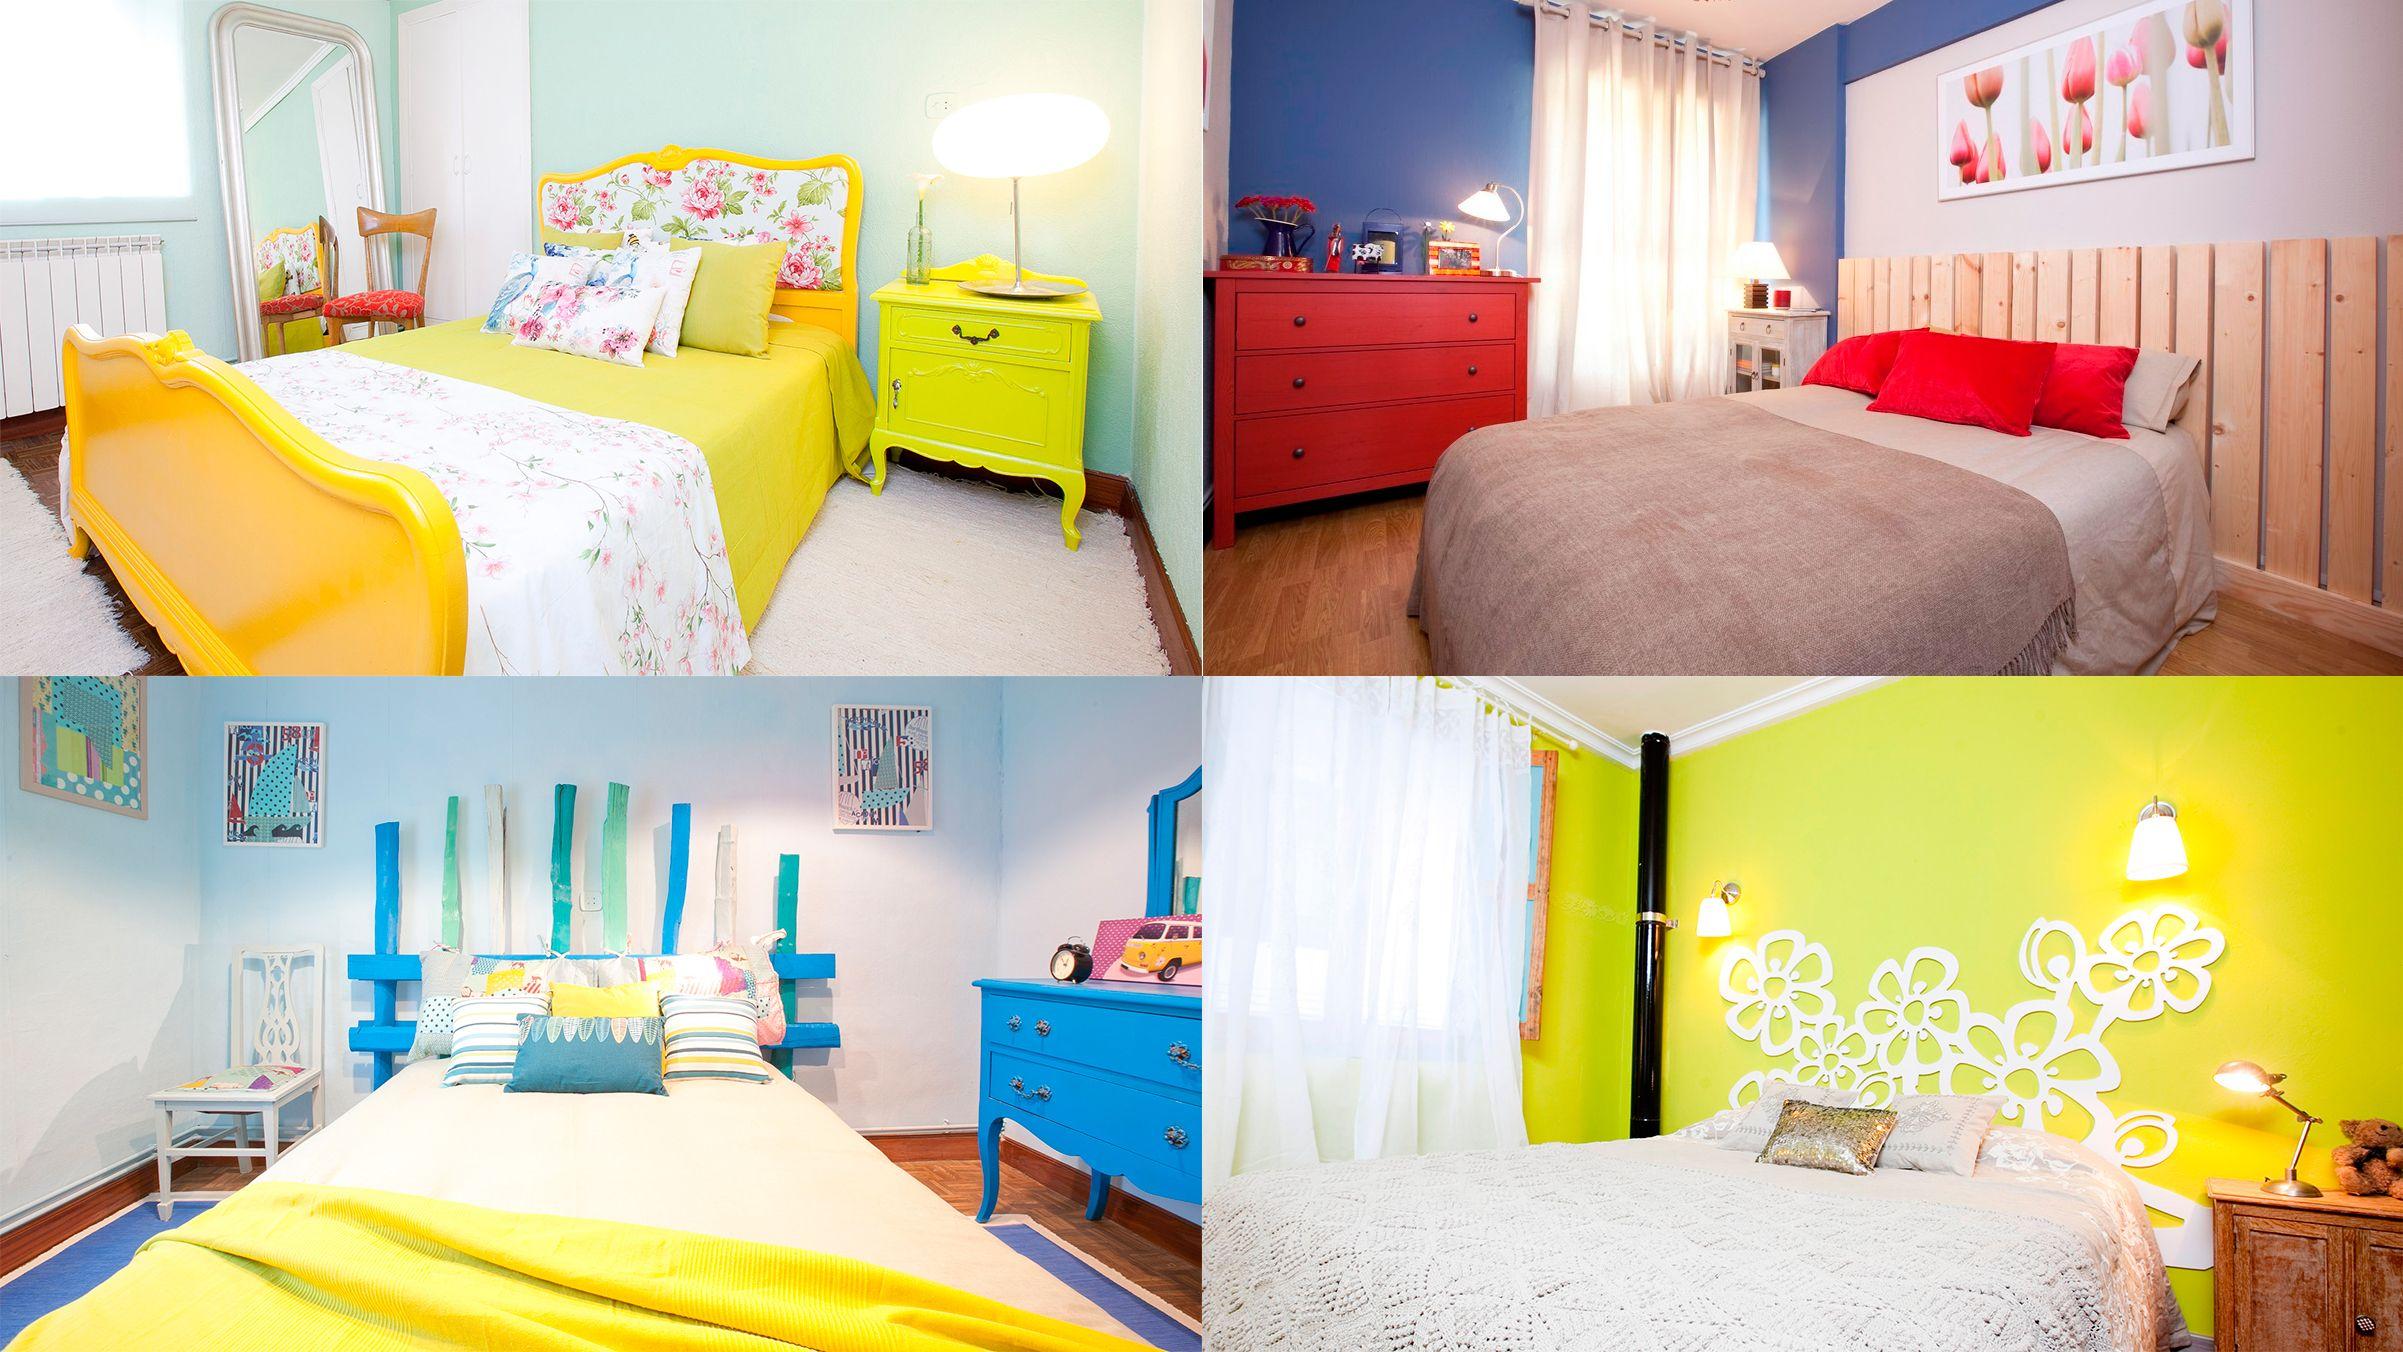 Claves para decorar un dormitorio